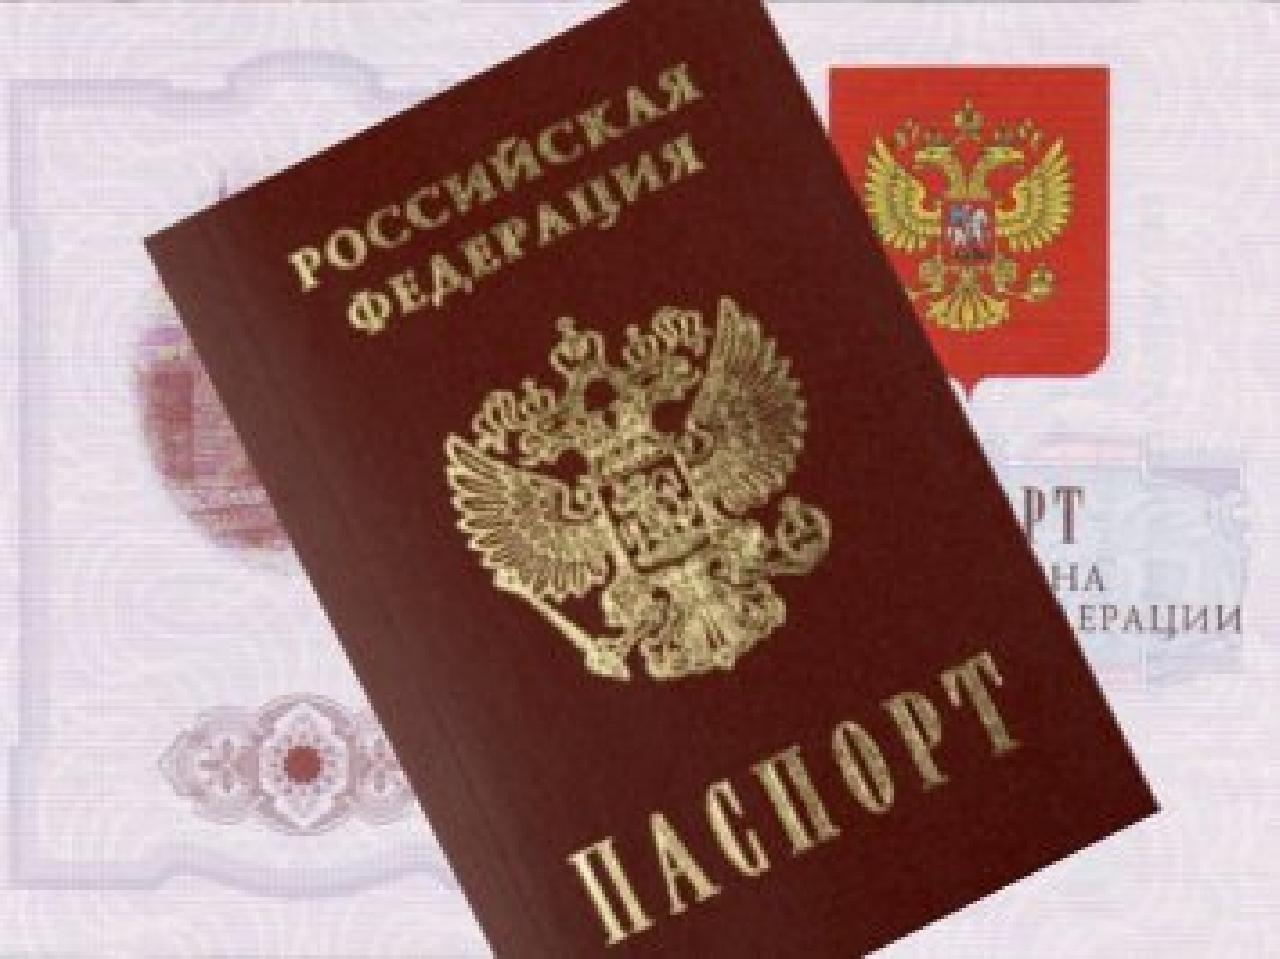 Опубликован текст присяги для вступления в гражданство России